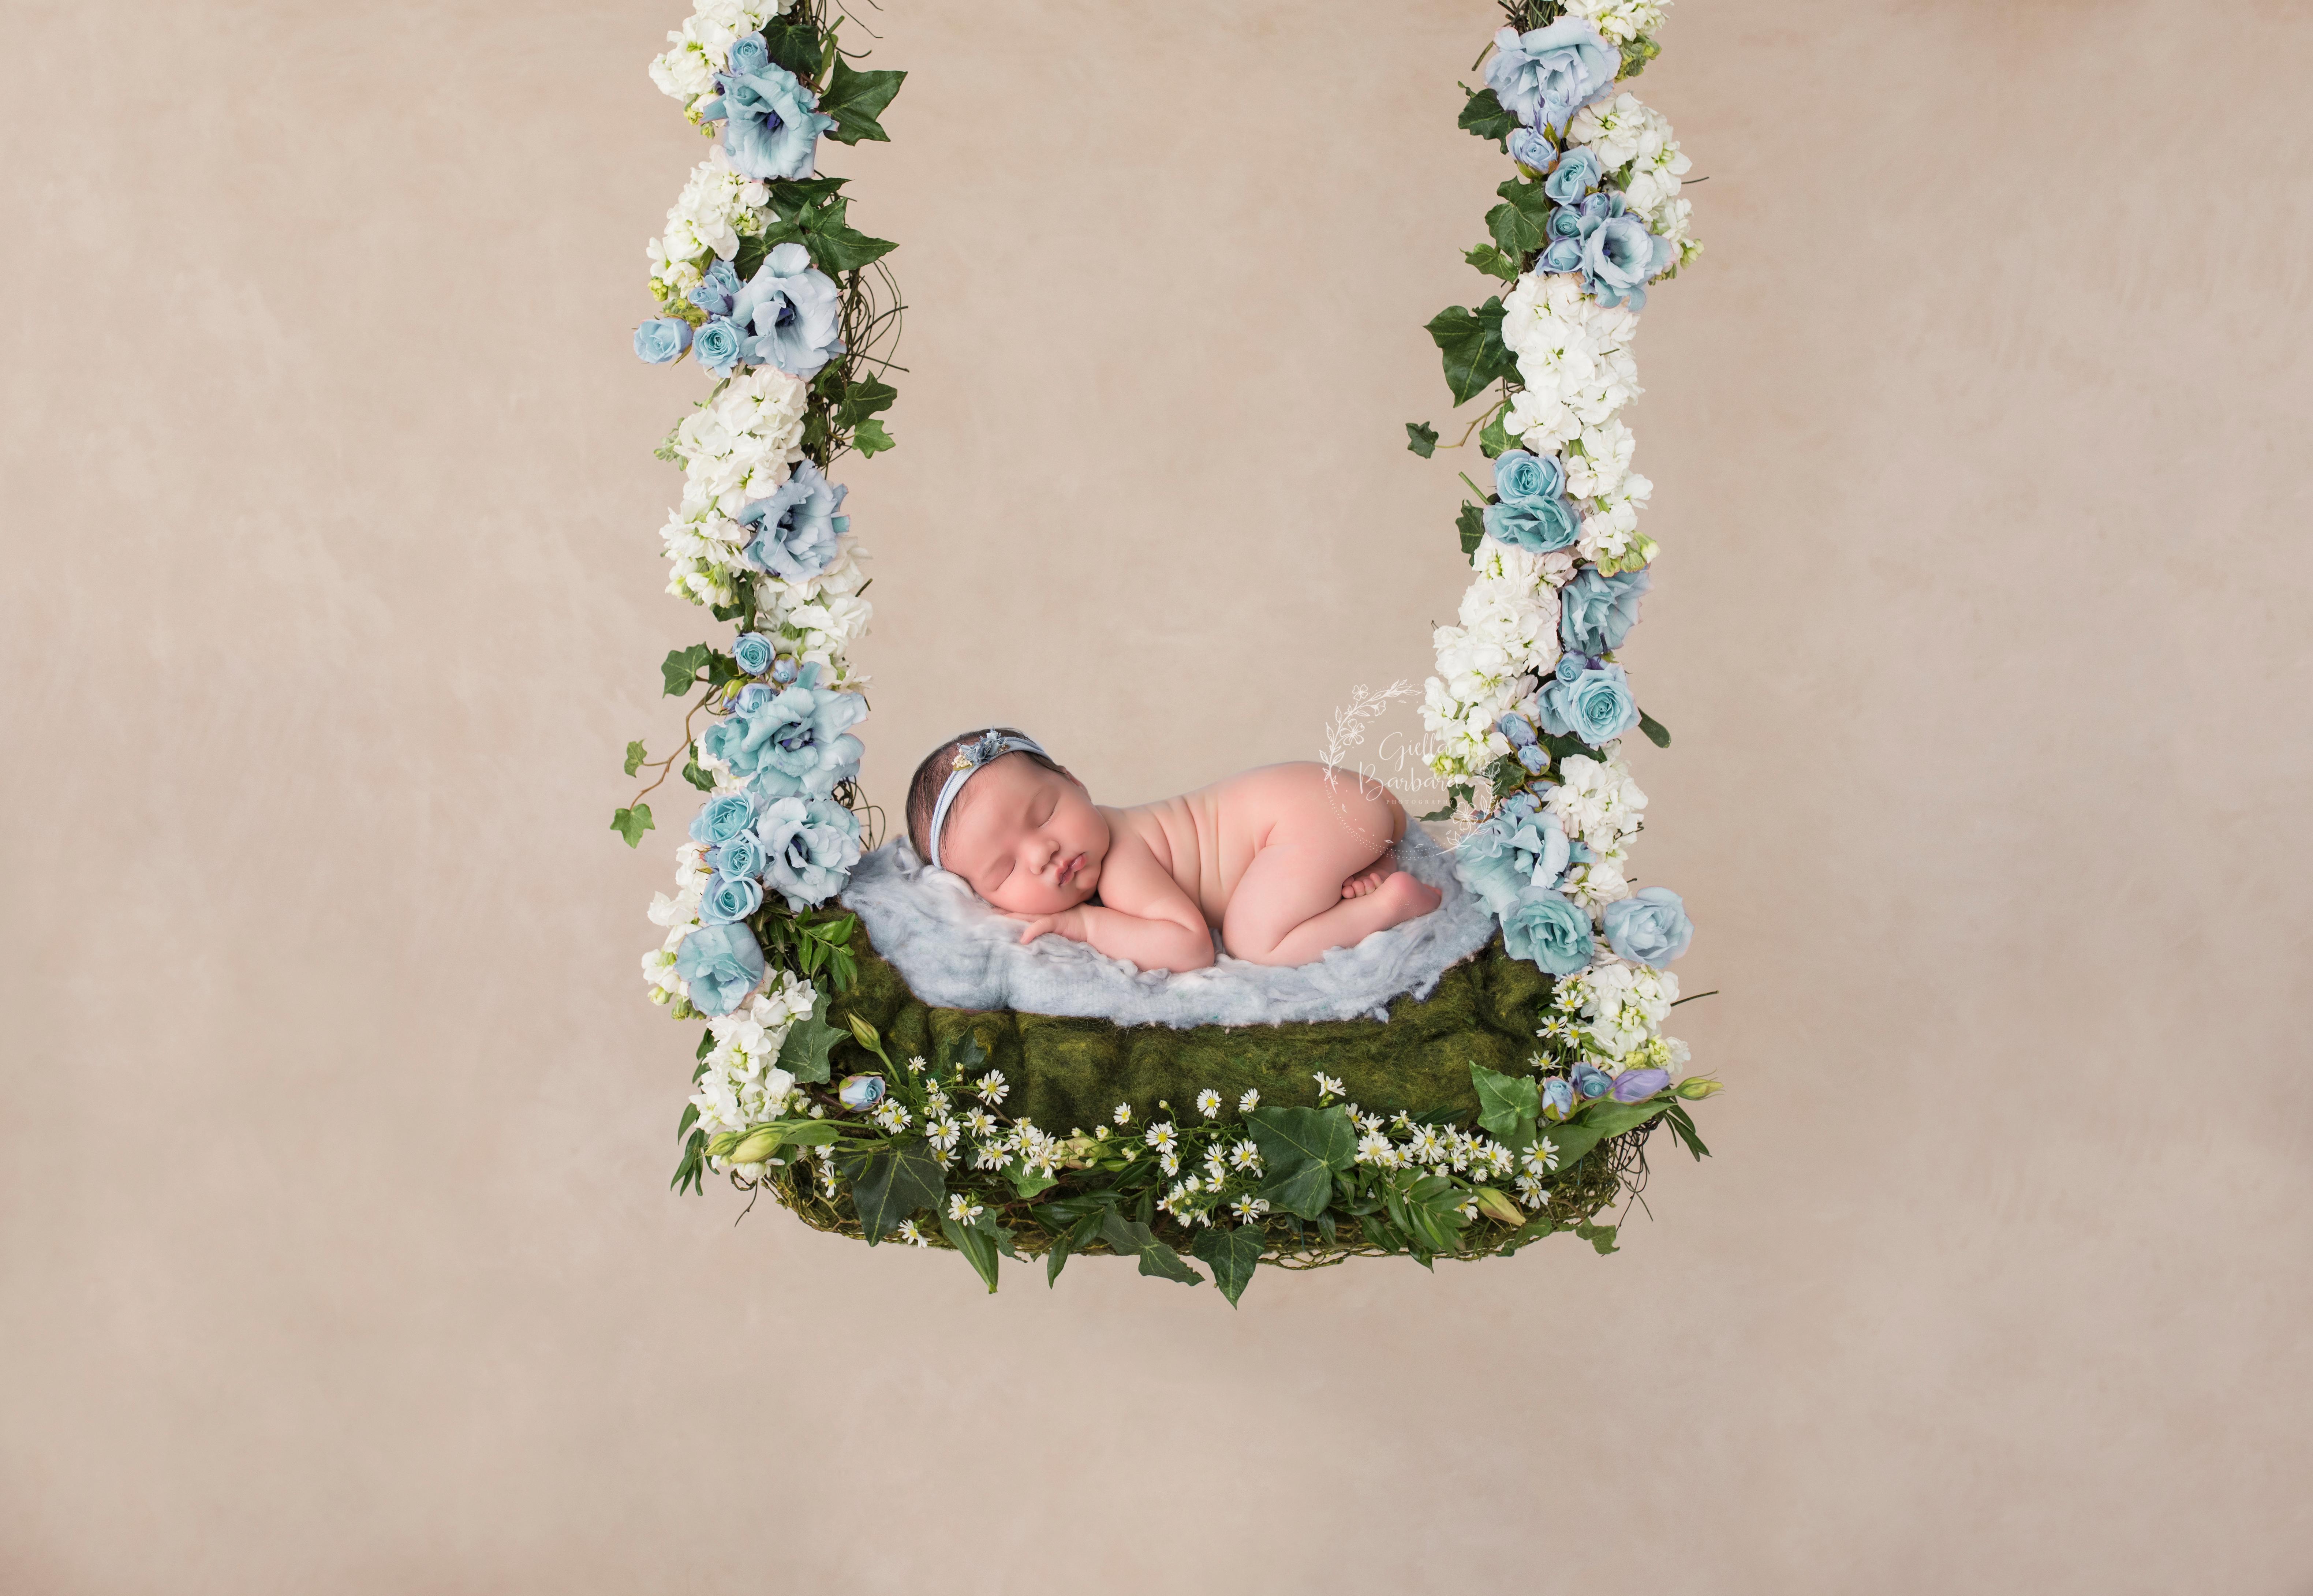 newborn and swing